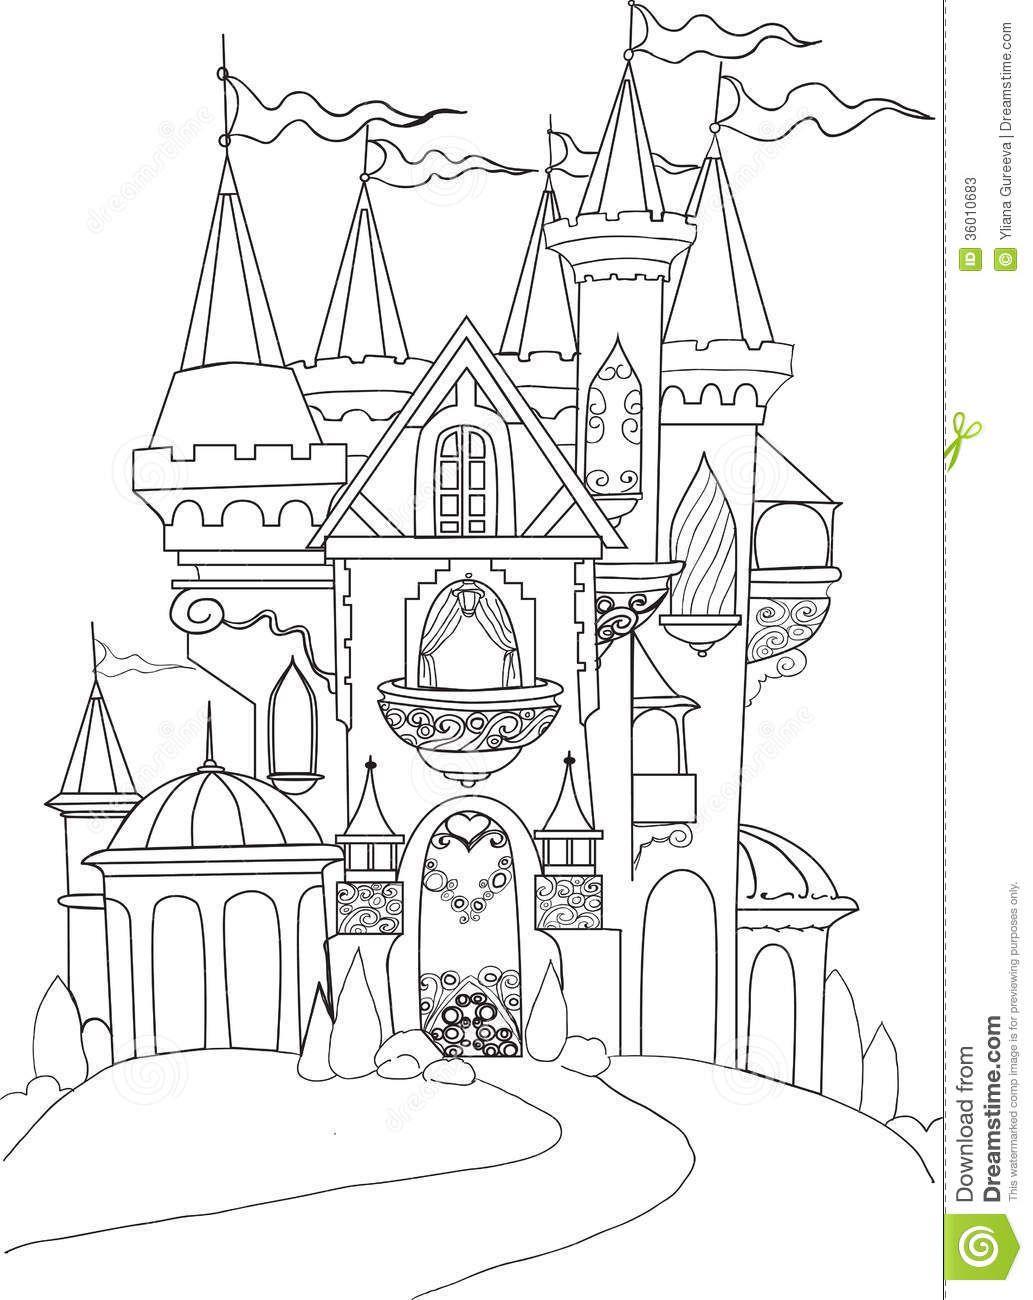 Disney Castle Google Search Castle Coloring Page Disney Princess Coloring Pages Princess Coloring Pages